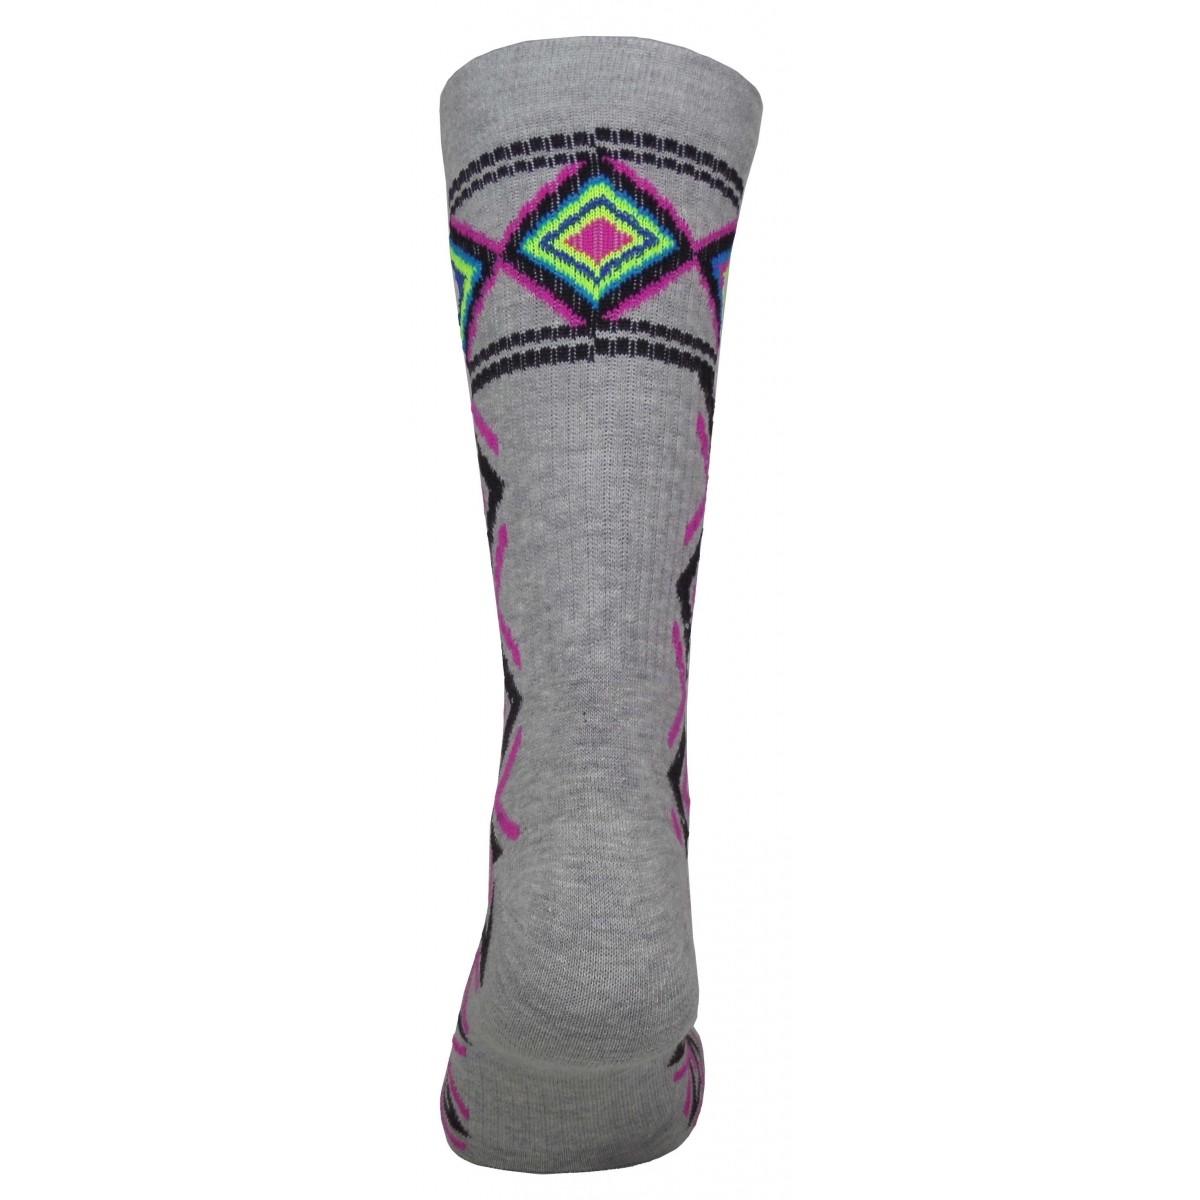 Par de meia cano médio fashion - Tribal mescla com rosa